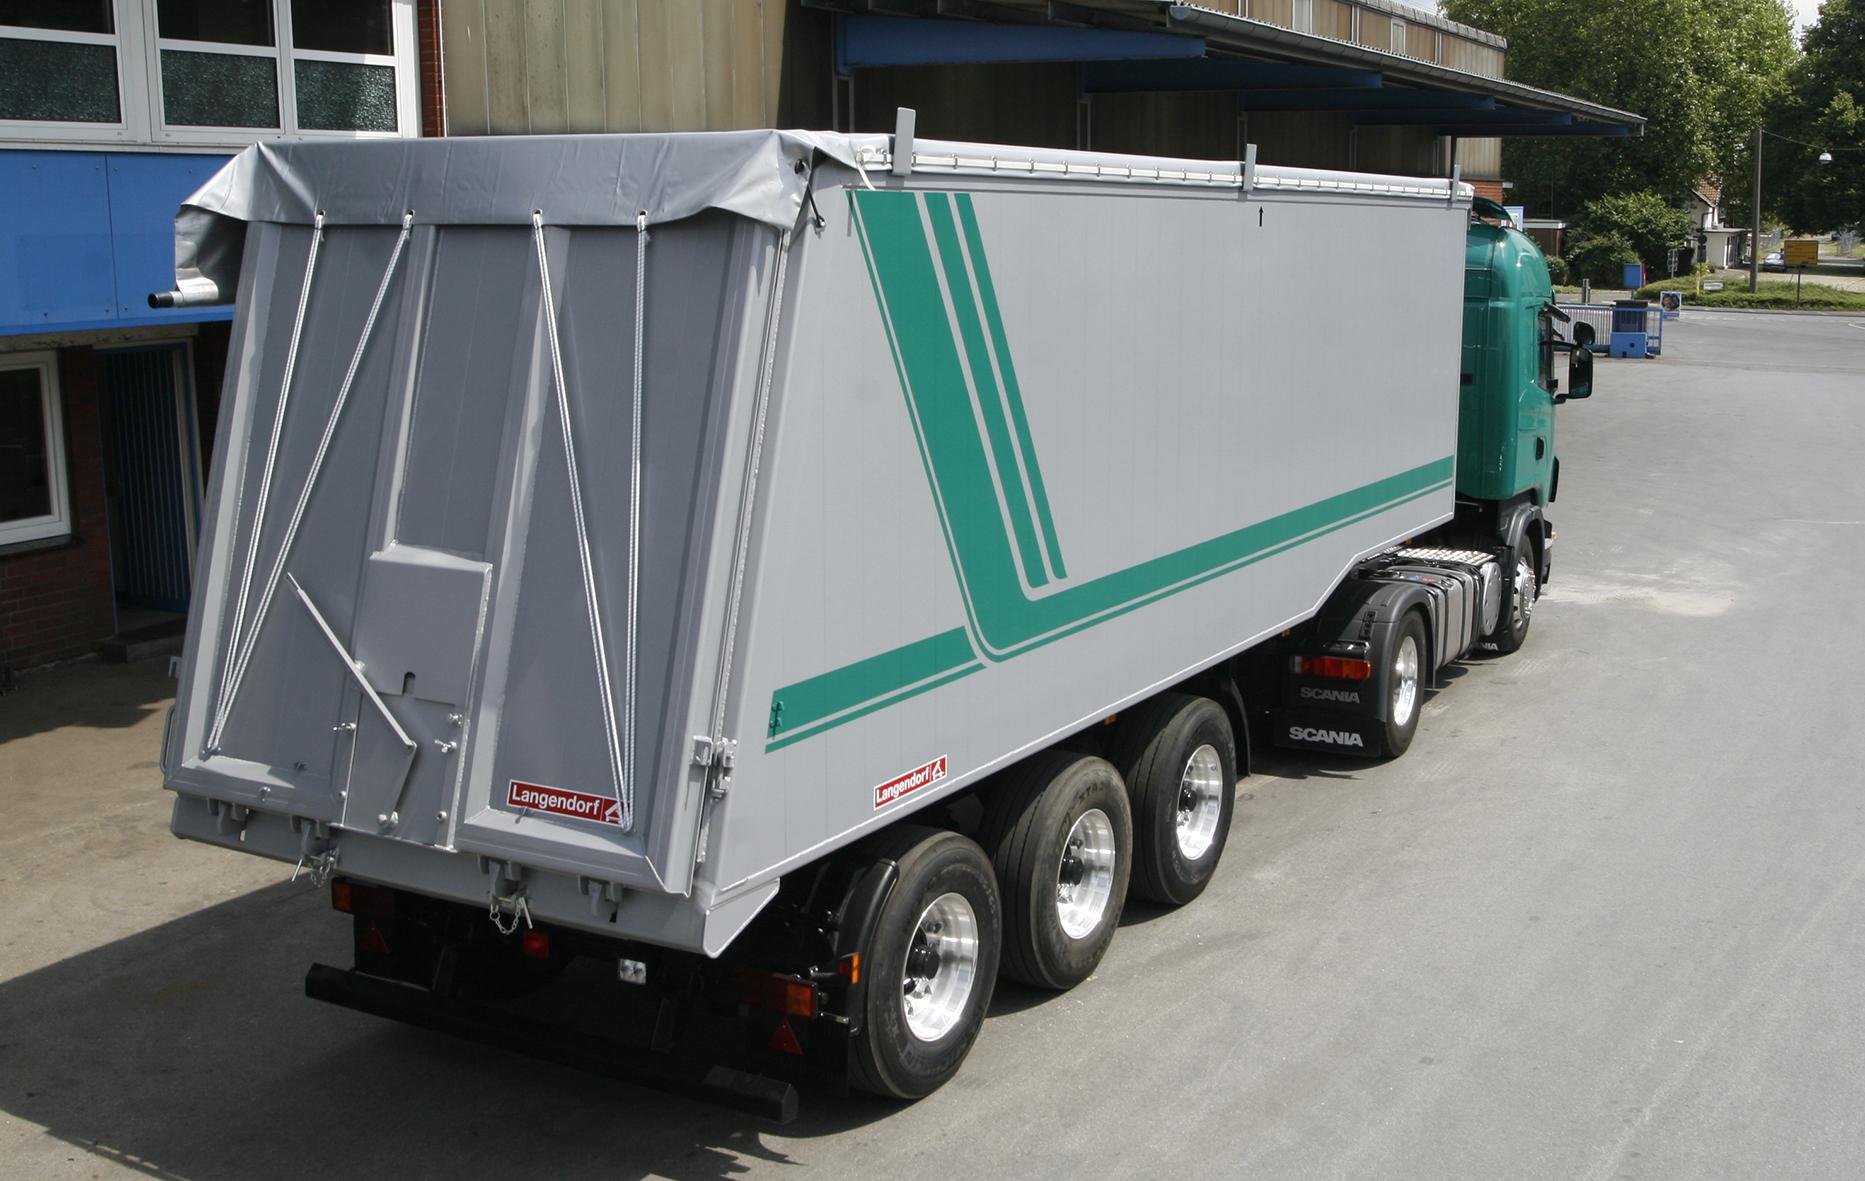 Perfekt für leichte und volumige Schüttgüter, exakt auf die Bedürfnisse des Agrarsektors angepasst – die Aluminium-Großraummulde.